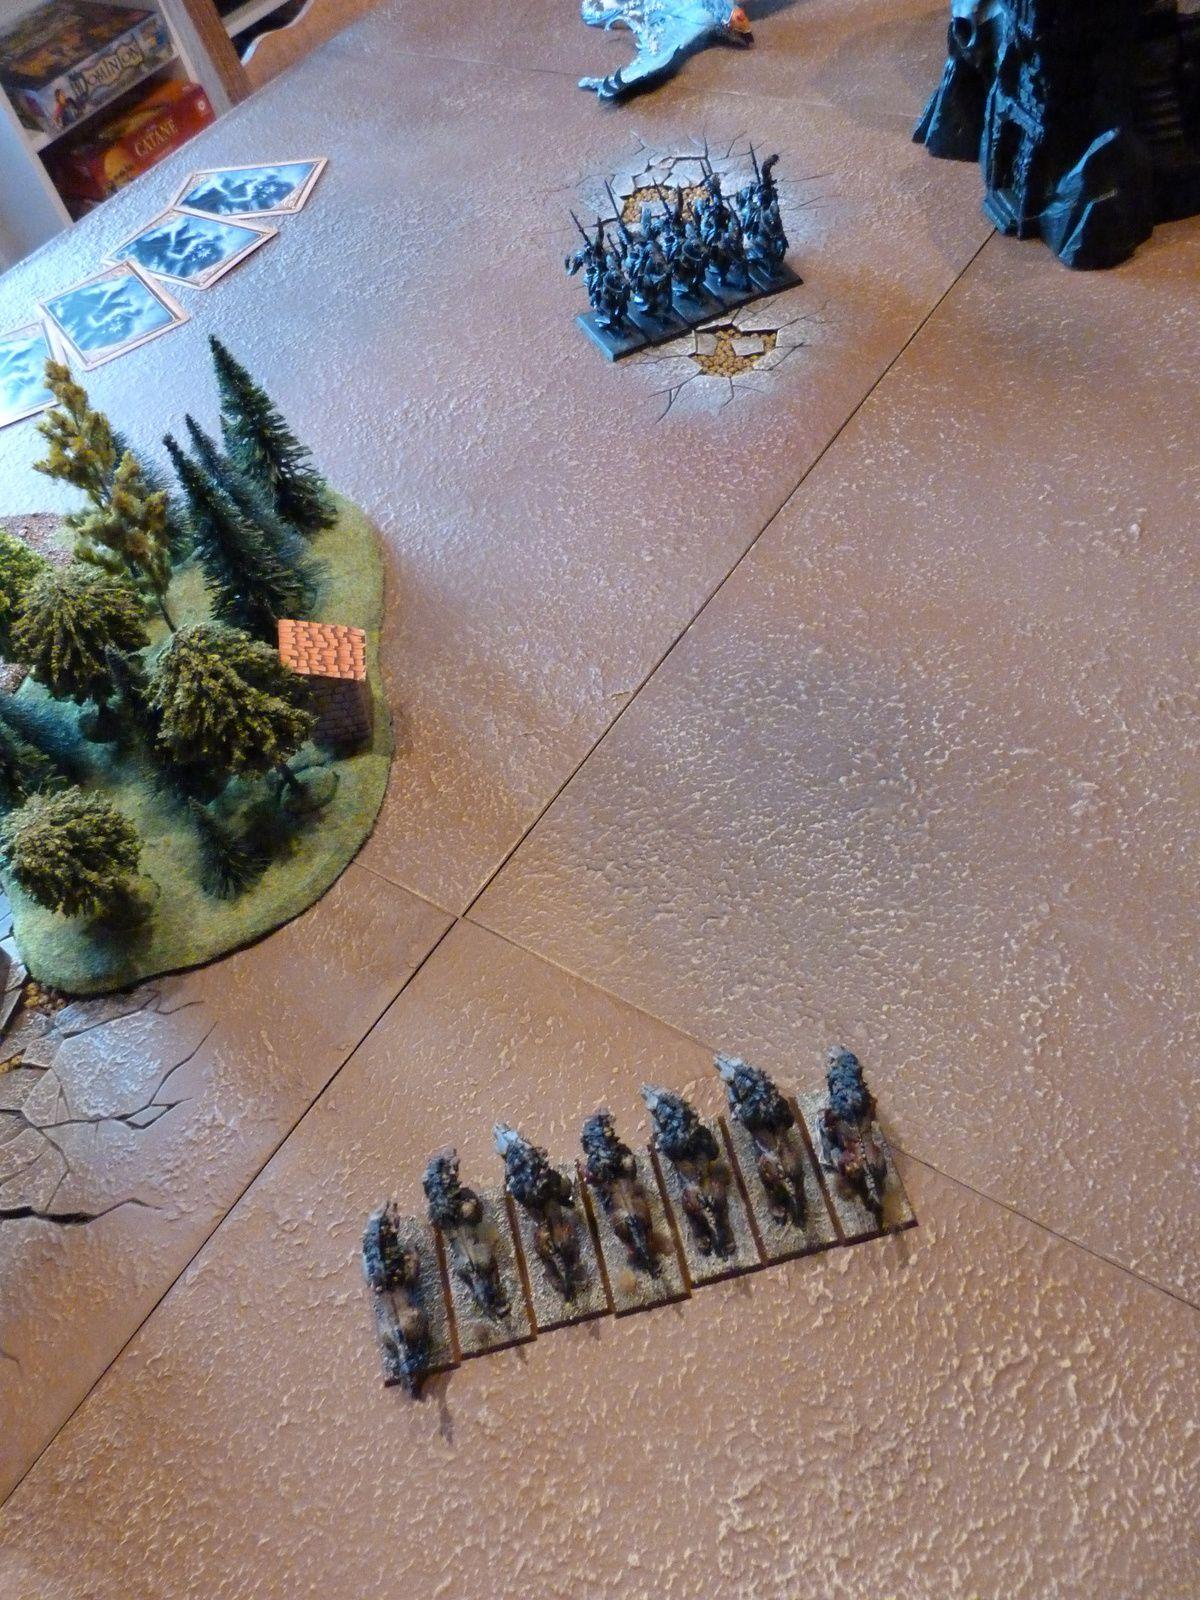 Un phénix coeur de givre, 12 princes dragons avec état-major complet, général, grande bannière et sorcier au deuxième rang, 12 heaumes d'argent avec état-major complet et 2 unités de 5 patrouilleurs ellyriens.